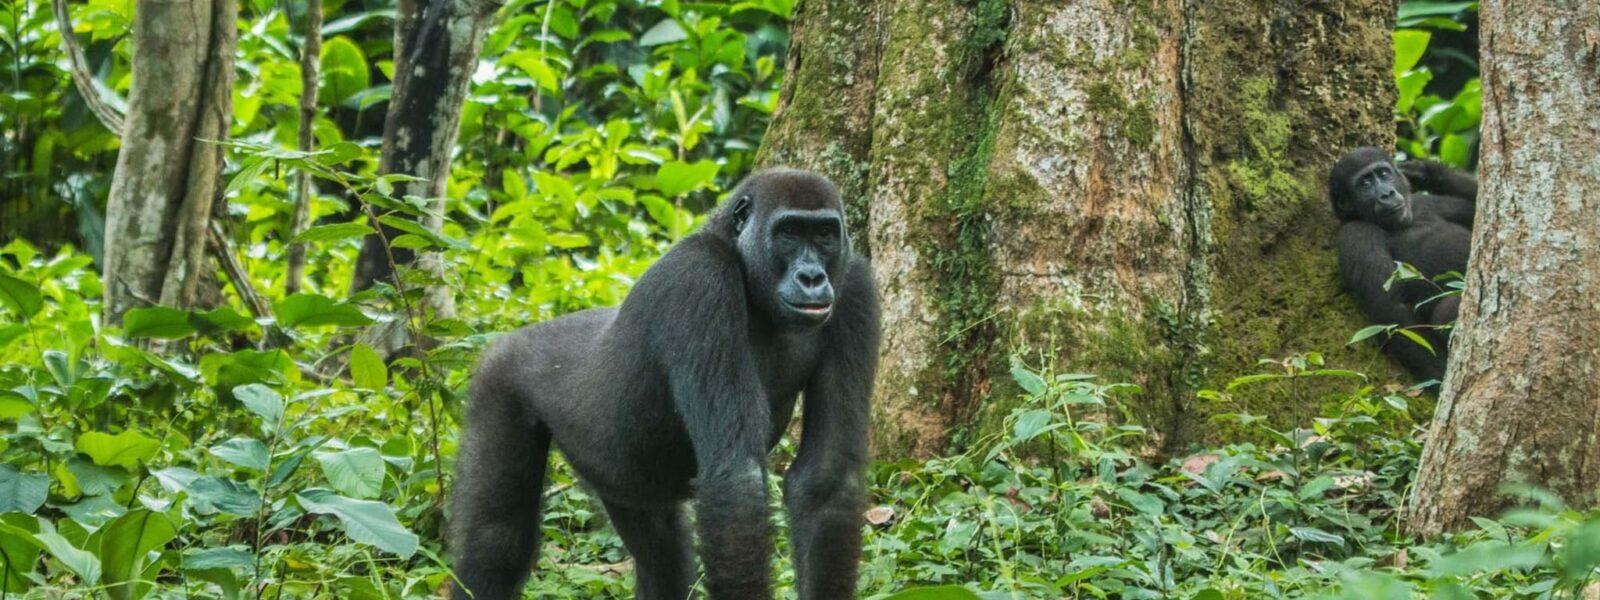 5 Days Lowland Gorillas & Chimpanzee Trekking